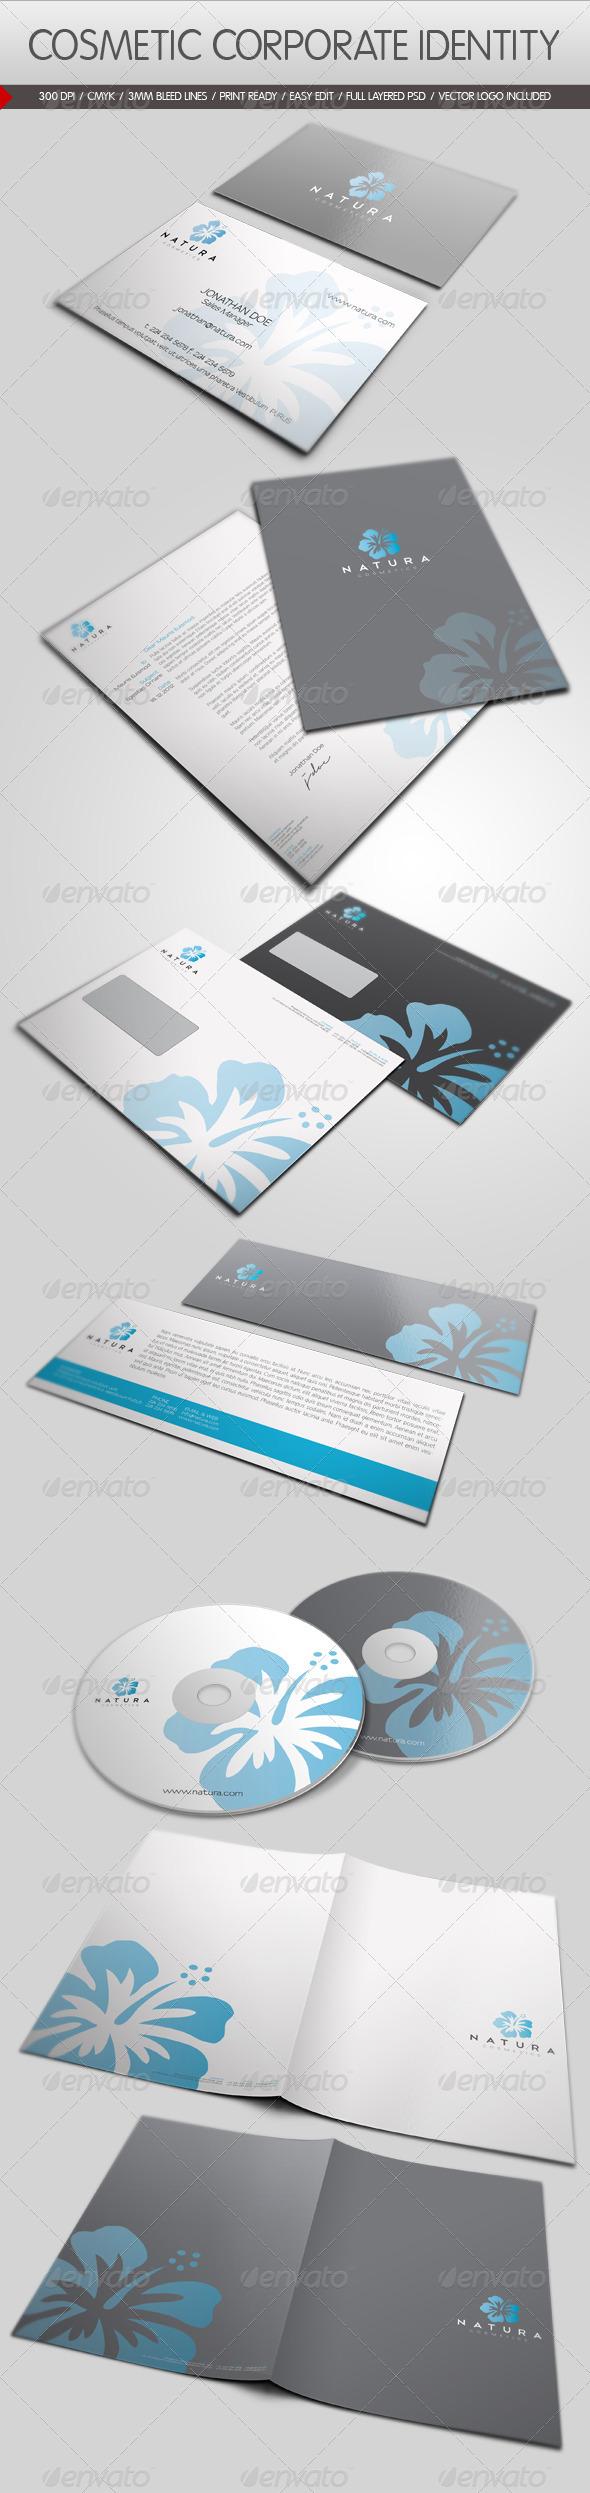 GraphicRiver Cosmetic Corporate Identity 1328973